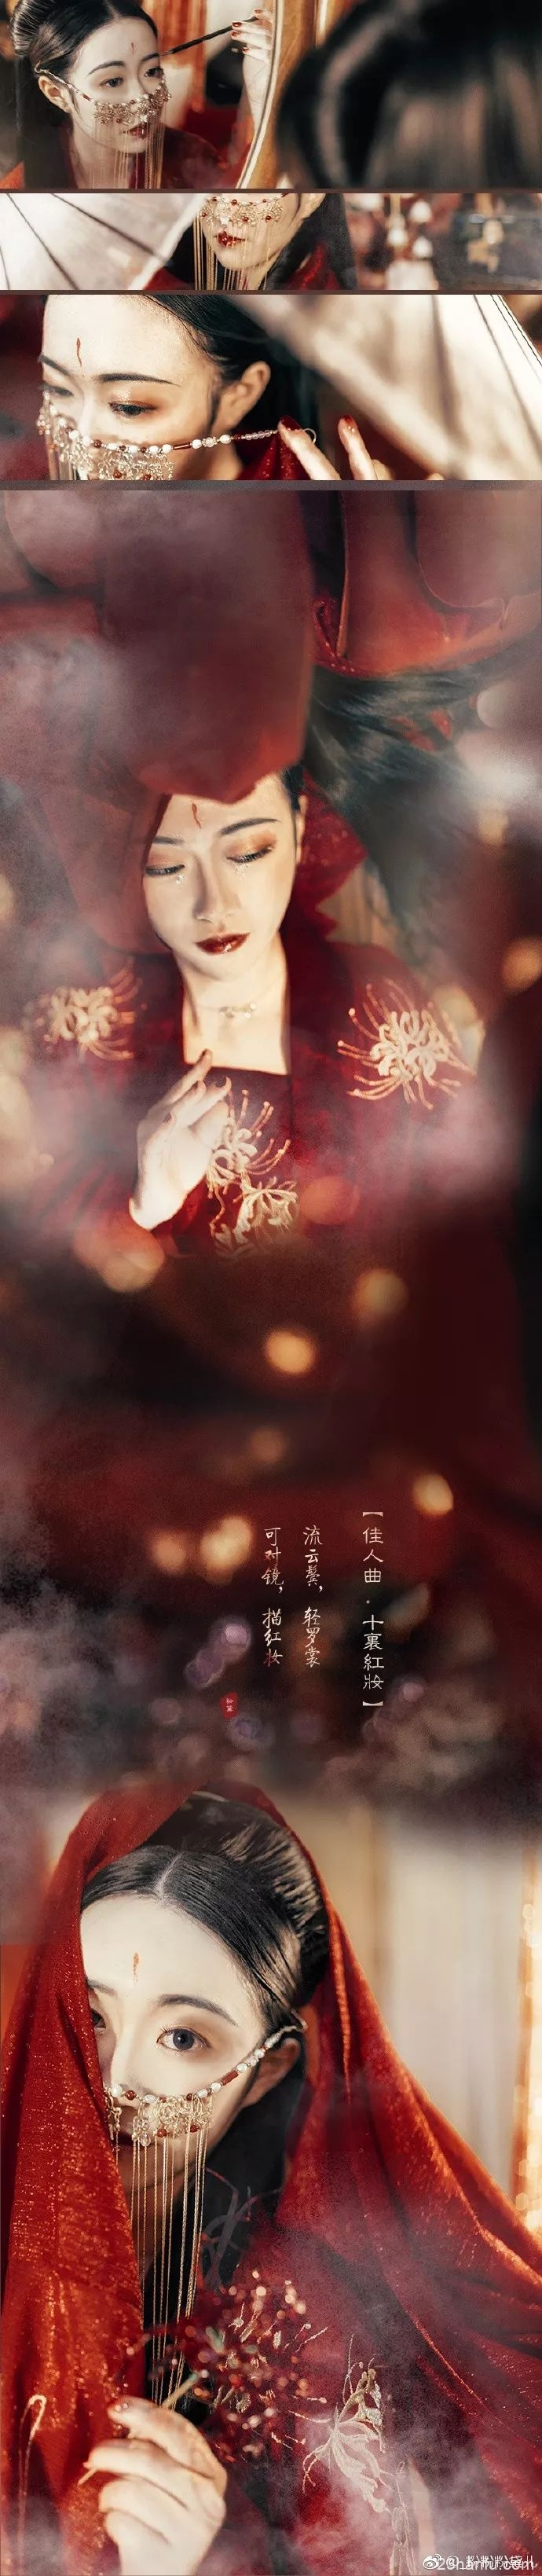 【汉服美图】流云鬓,轻罗裳,可对镜,描红妆。